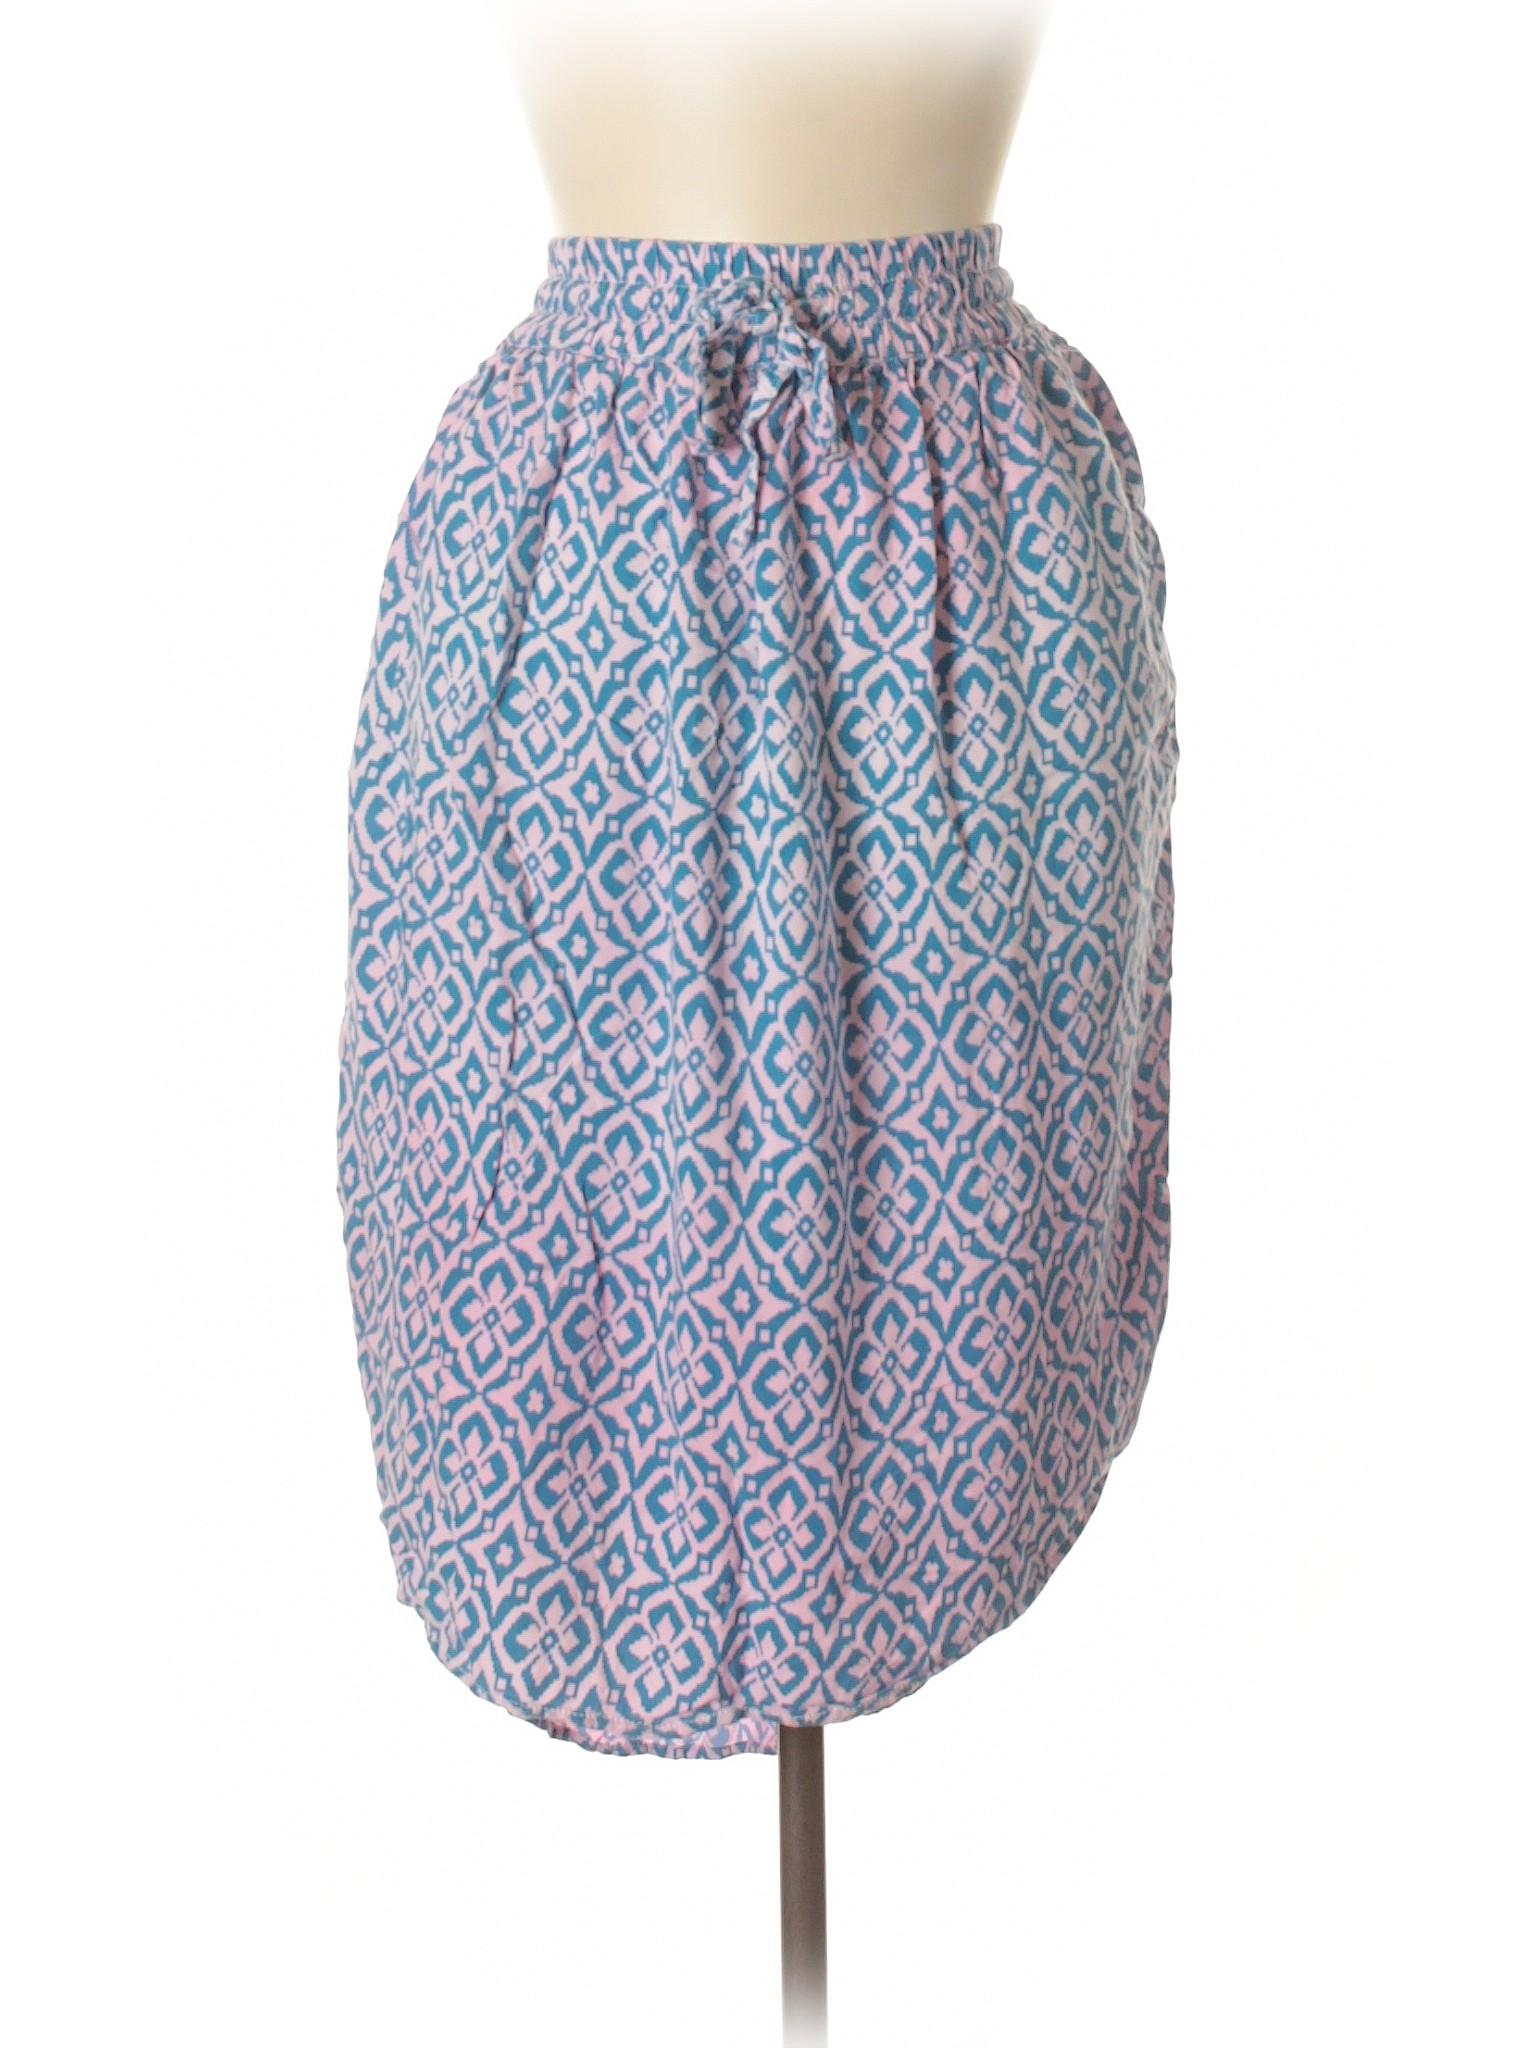 Boutique Casual Casual Boutique Casual Boutique Skirt Boutique Skirt Casual Boutique Skirt Skirt 4Xqwaa